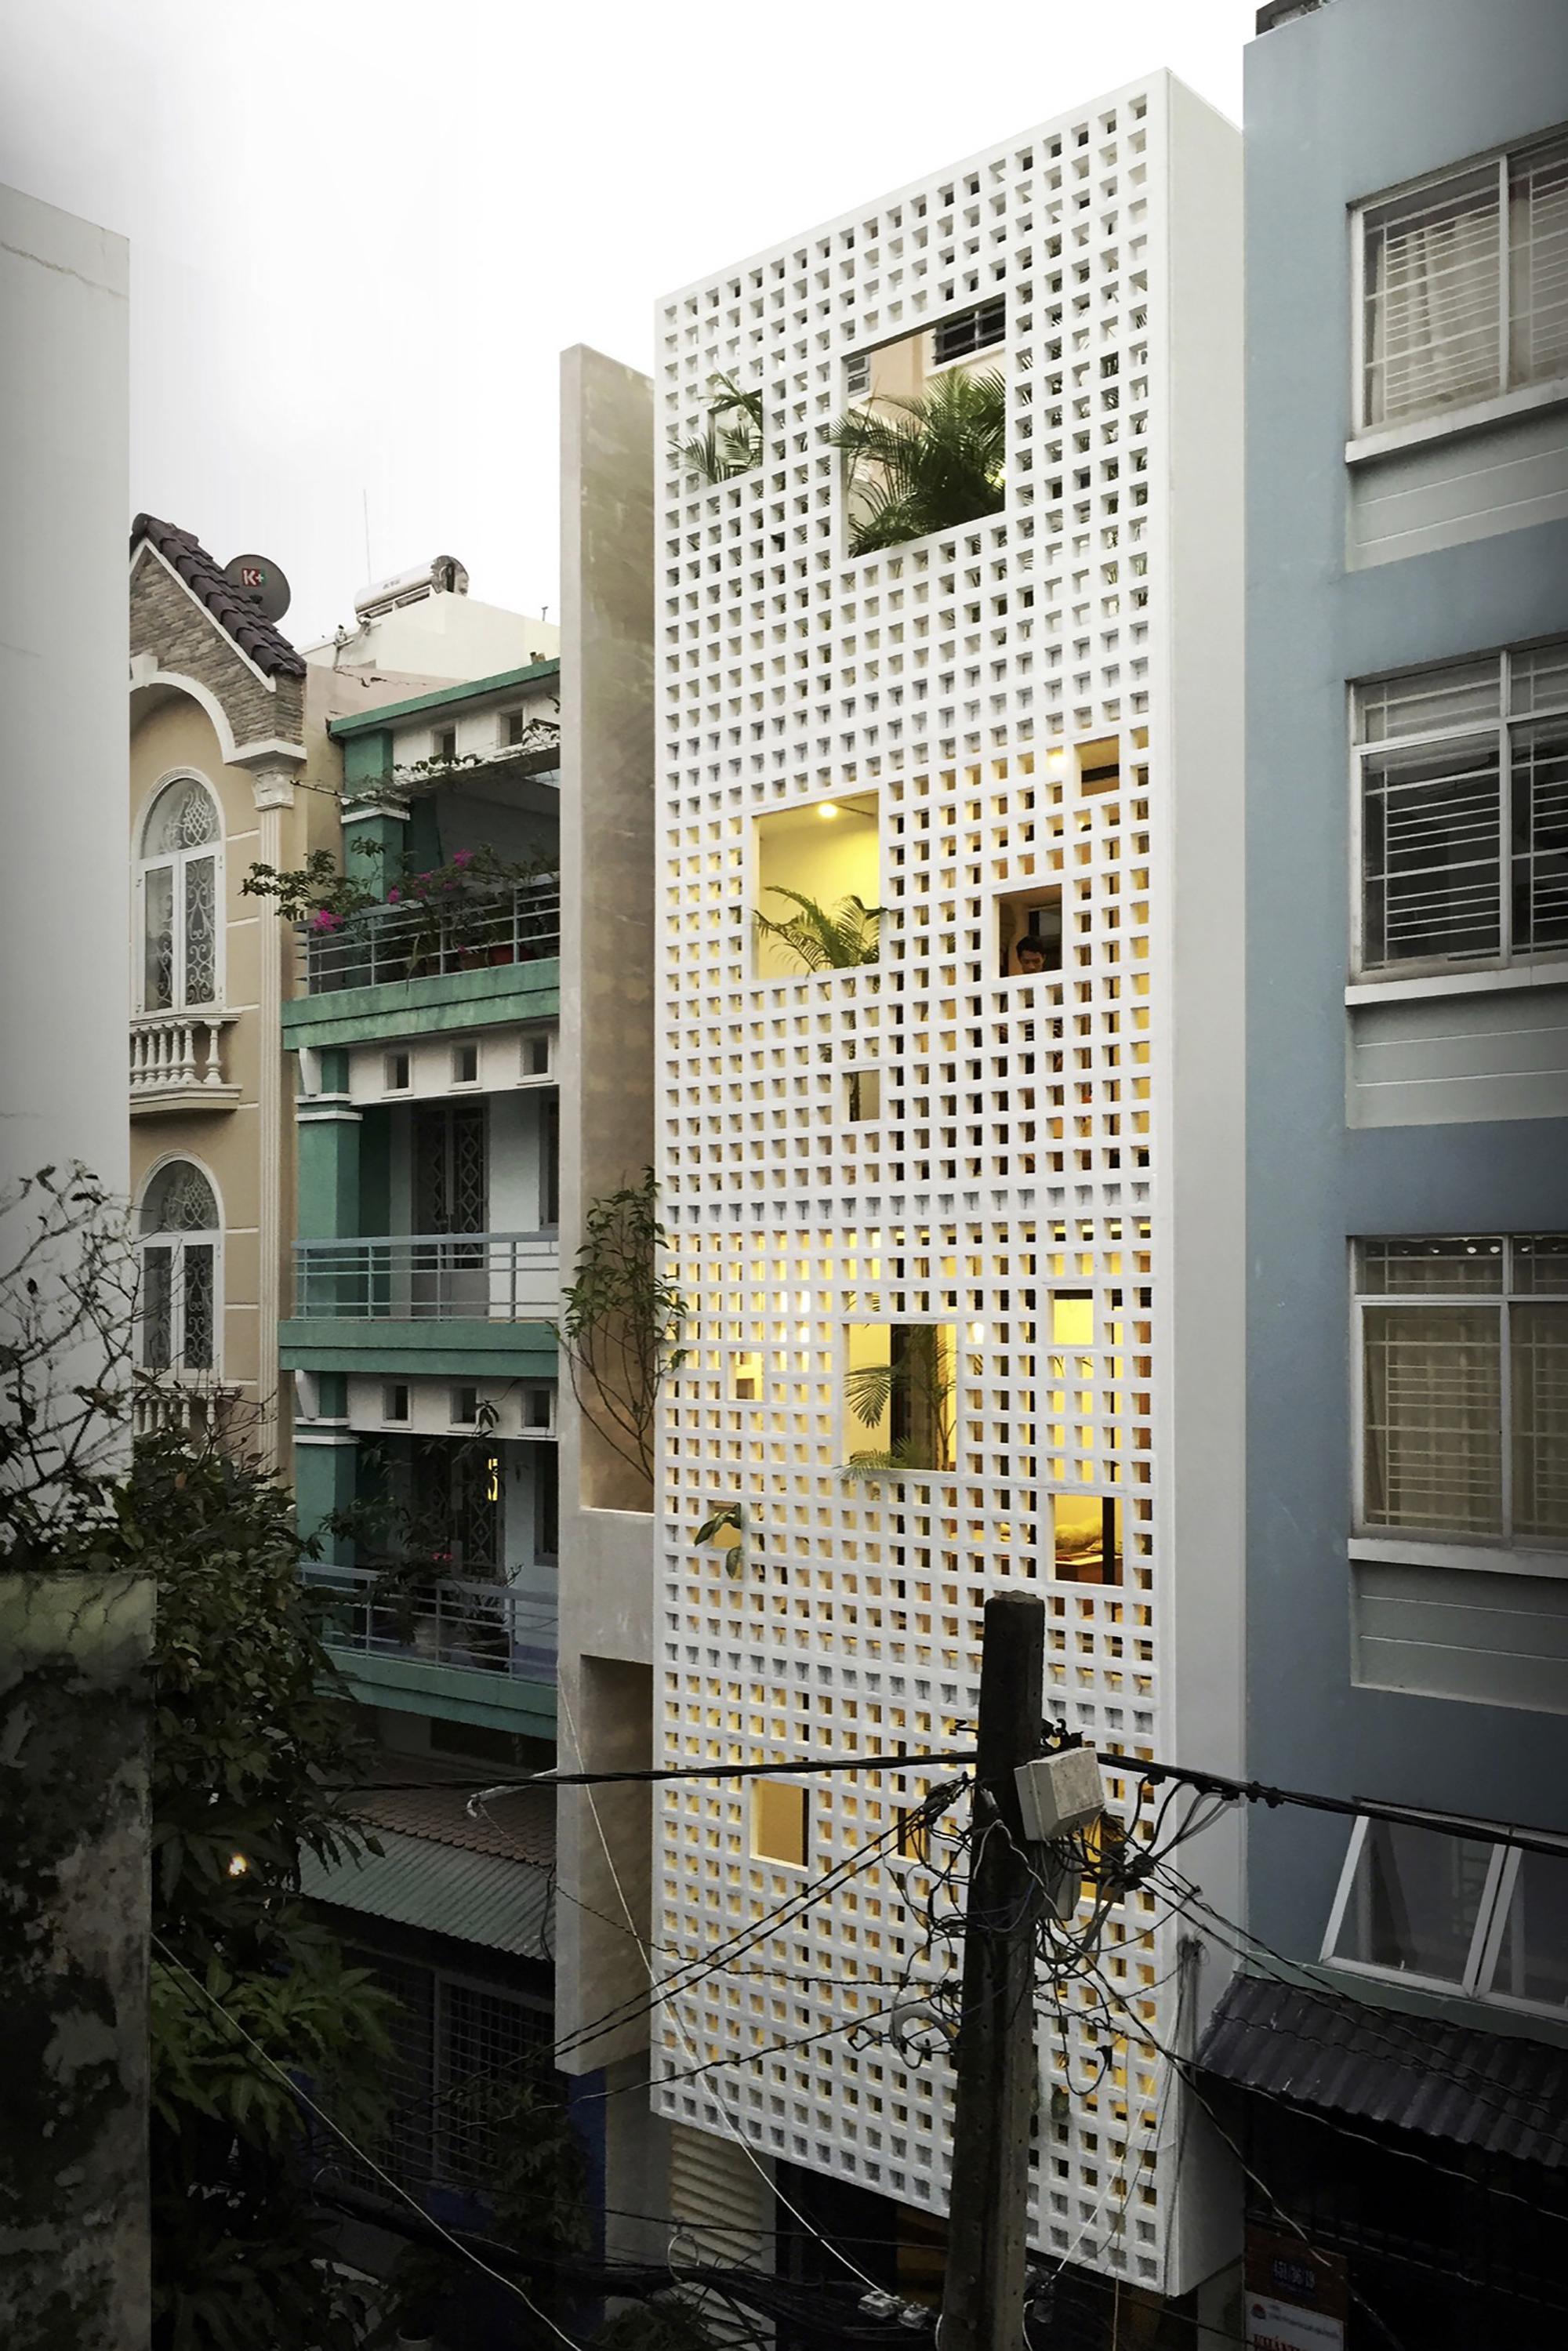 06-Q10_house_celosia_ceramica_studio8_vietnam_lumka_ceramica_a_mano_alzada